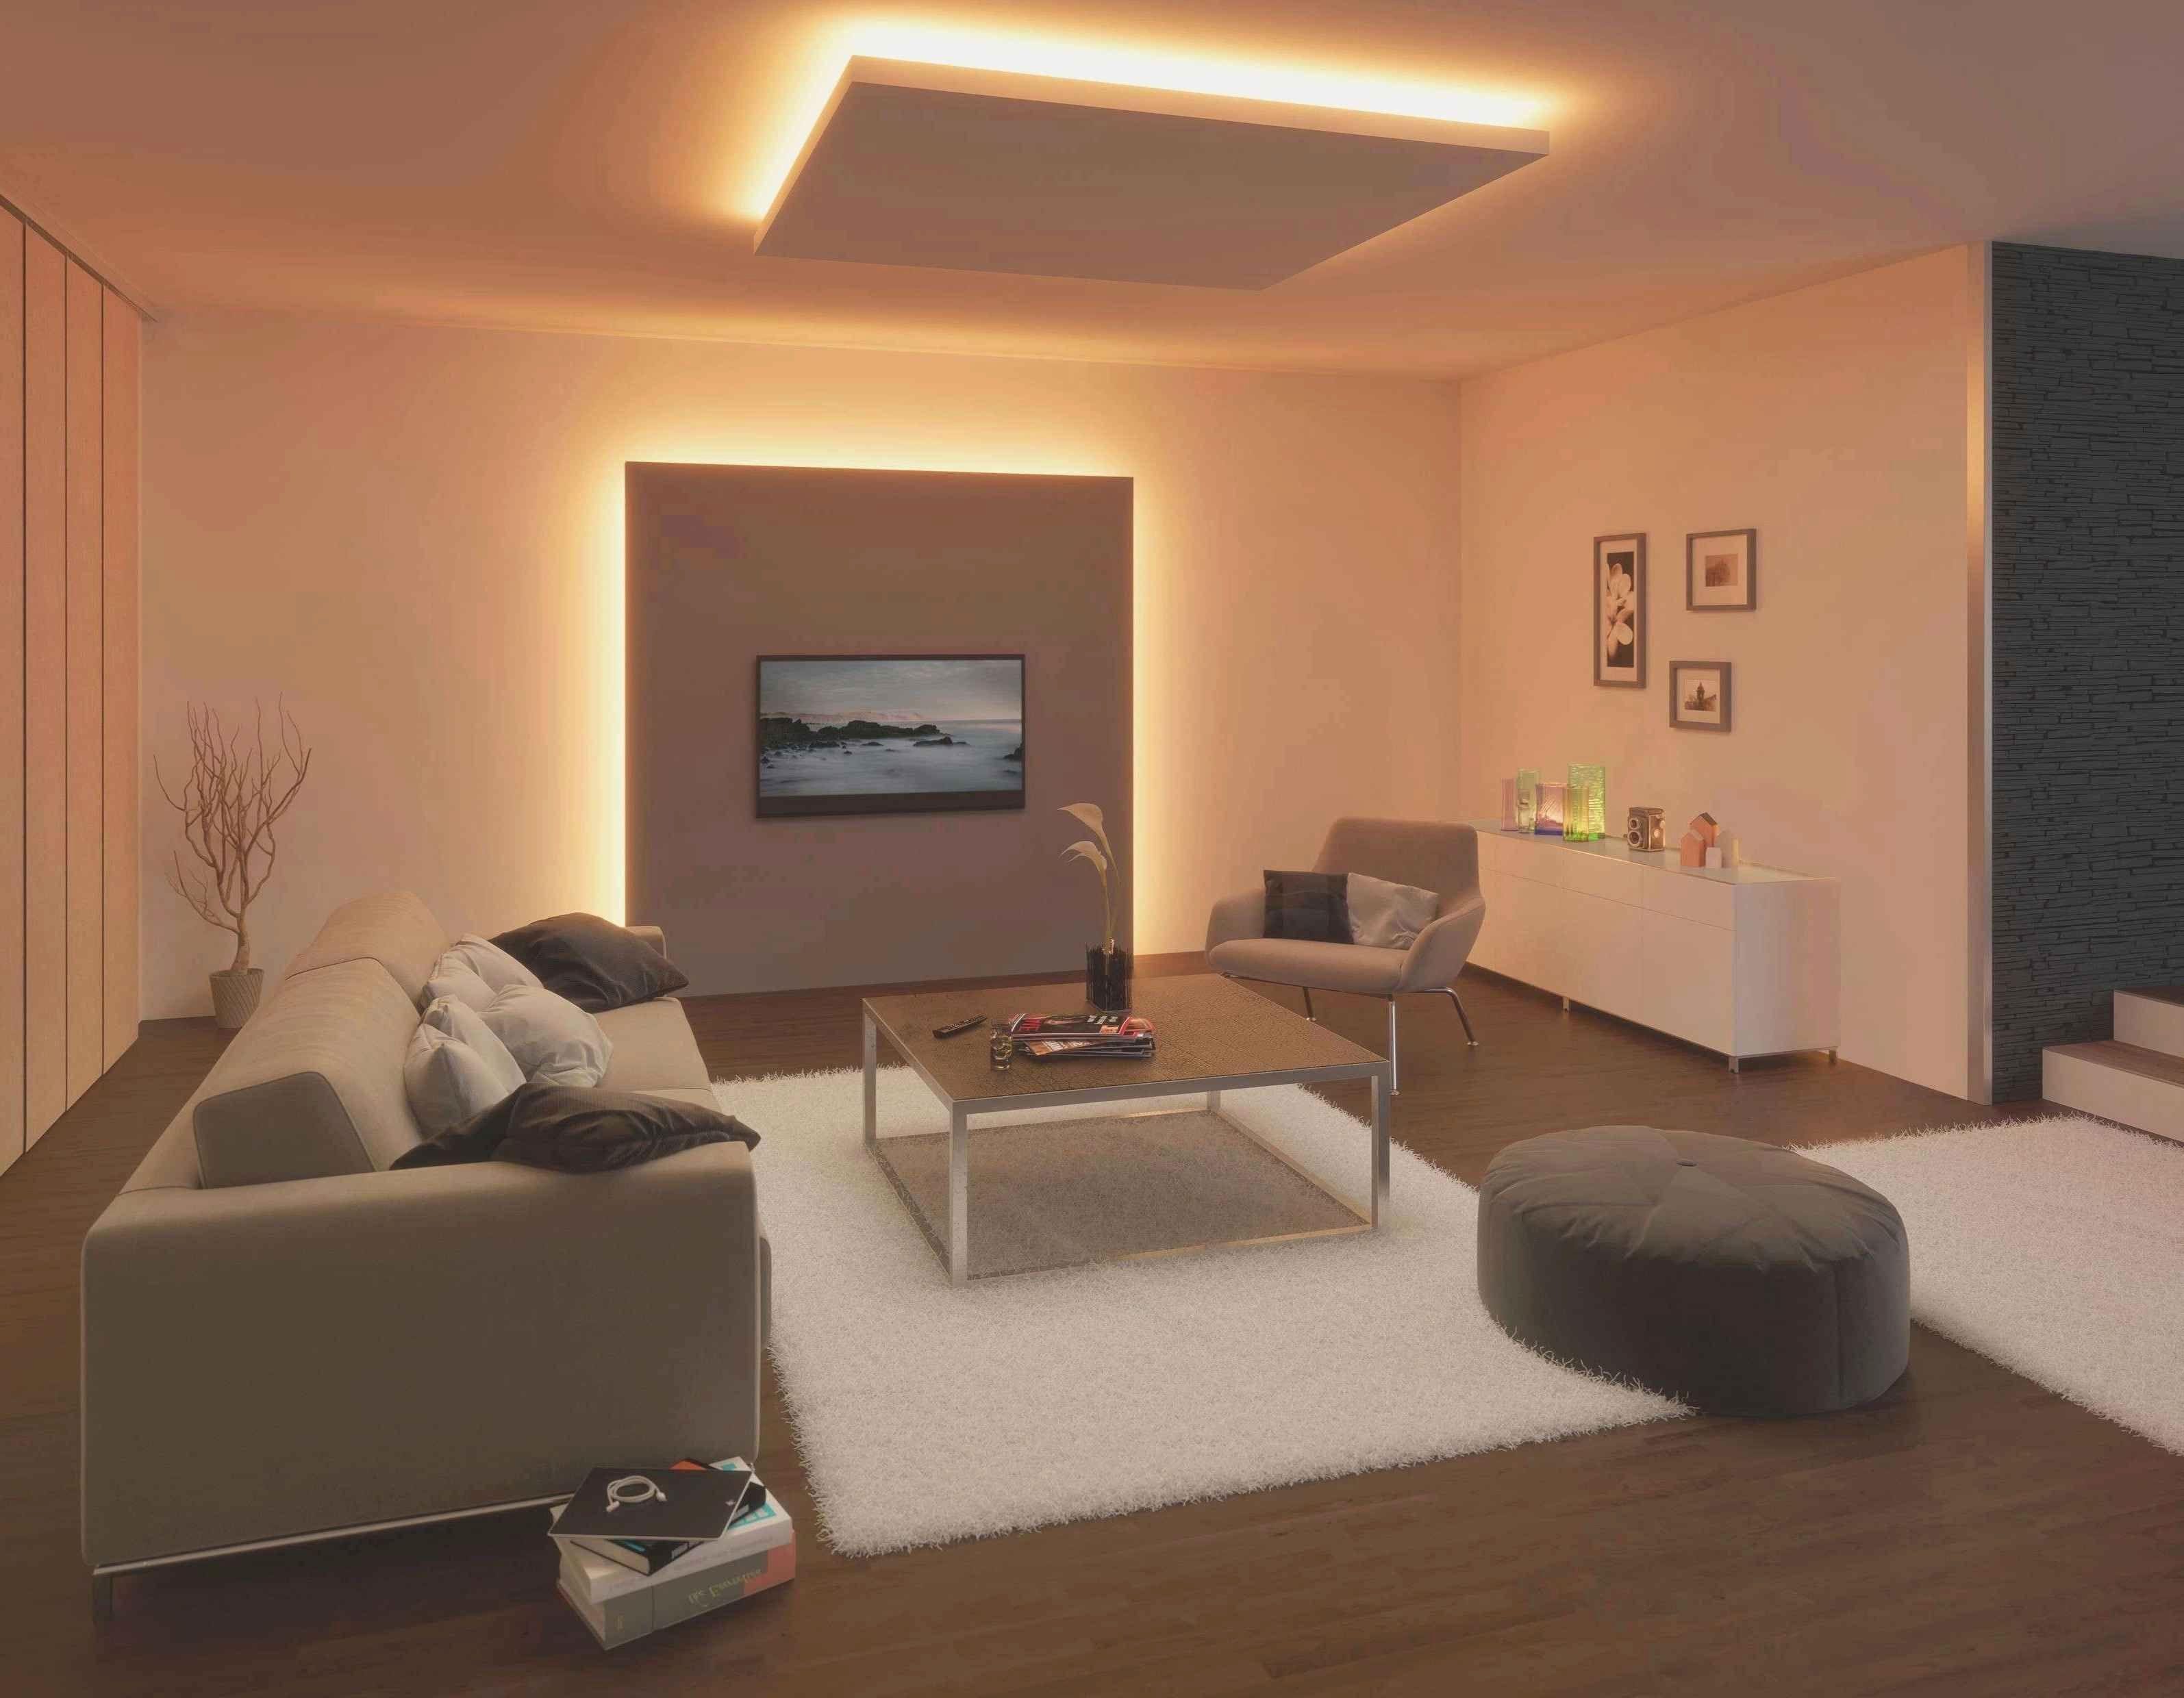 Abgeha Ngte Decke Led Beleuchtung Scha N Wohnzimmer Beleuchtung Decke Ka Chenhahn Frei In Wohnzimmer Modern Wohnzimmer Einrichten Wohnzimmer Einrichten Ideen